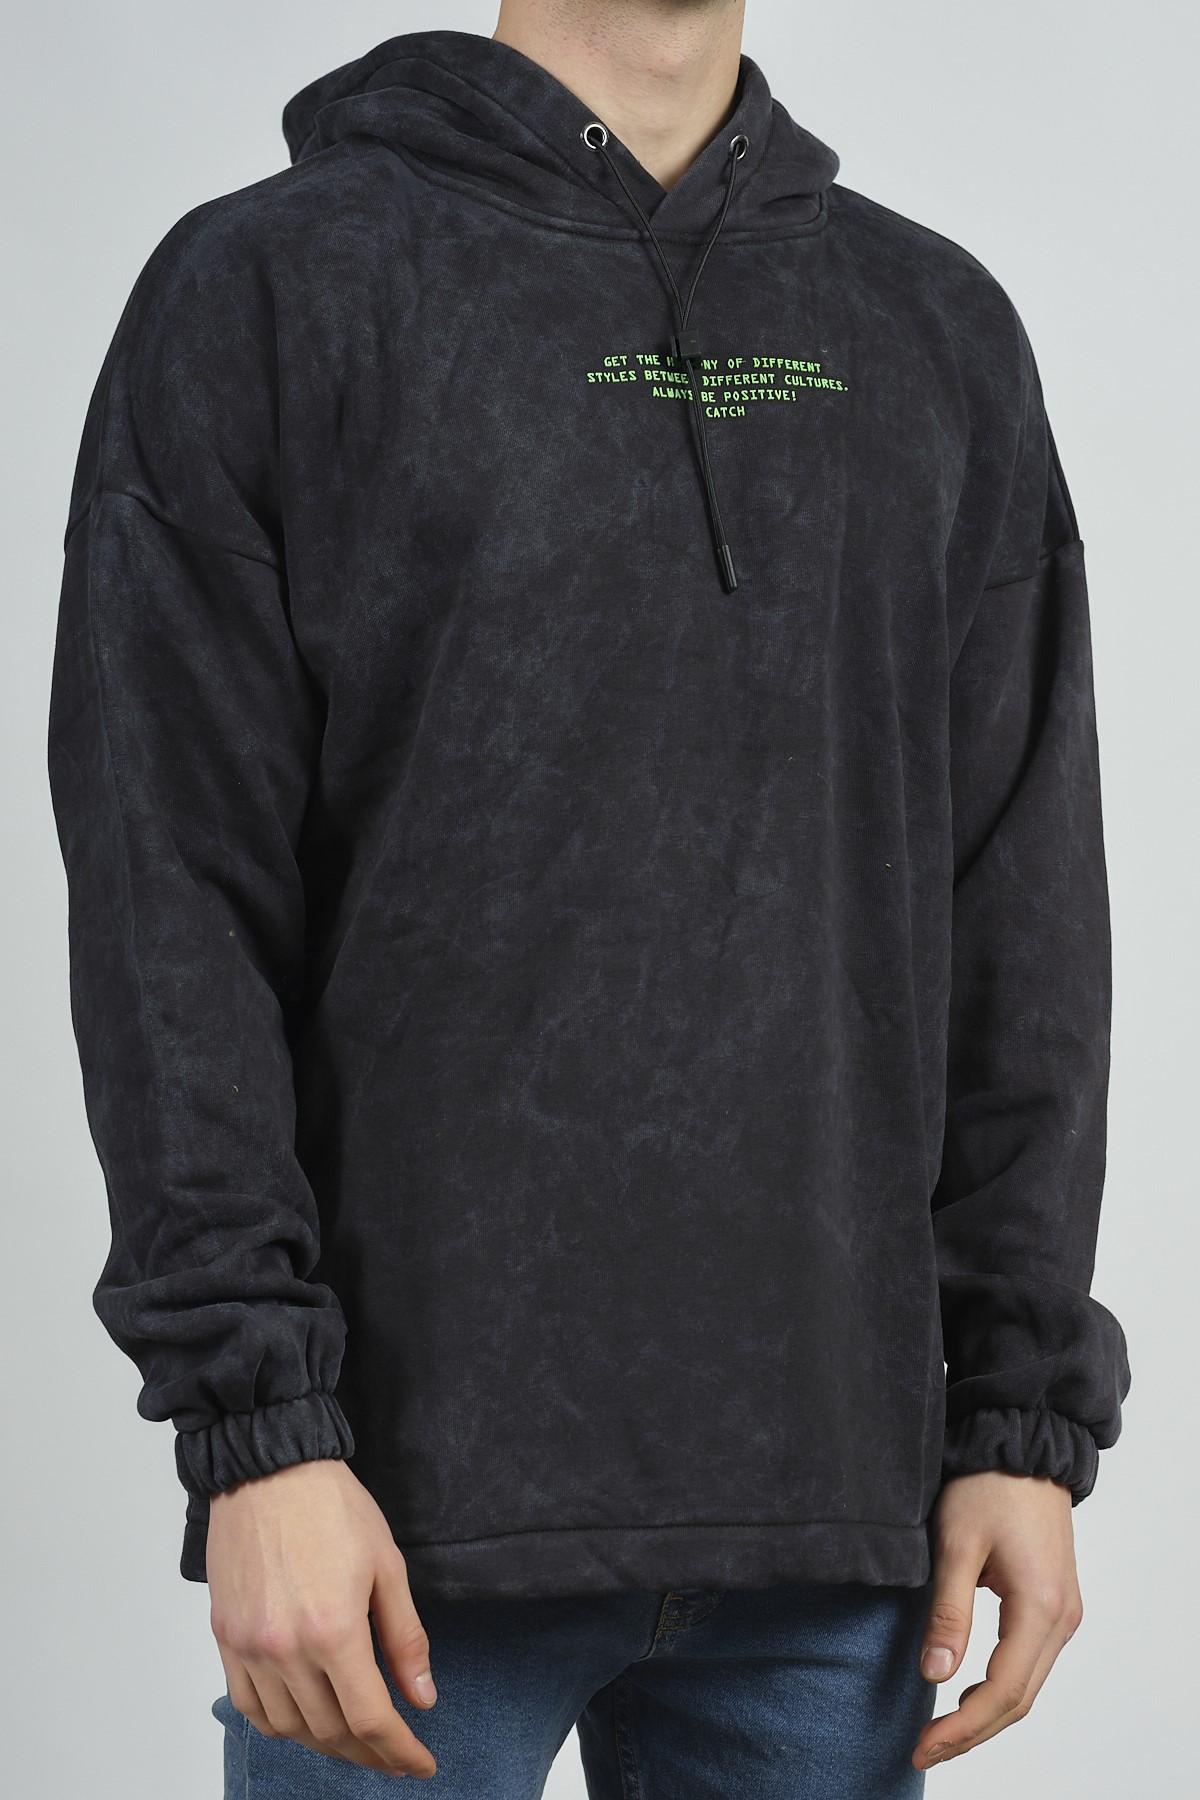 - Antrasit Yıkamalı Baskılı Sweatshirt 1KXE8-44282-36